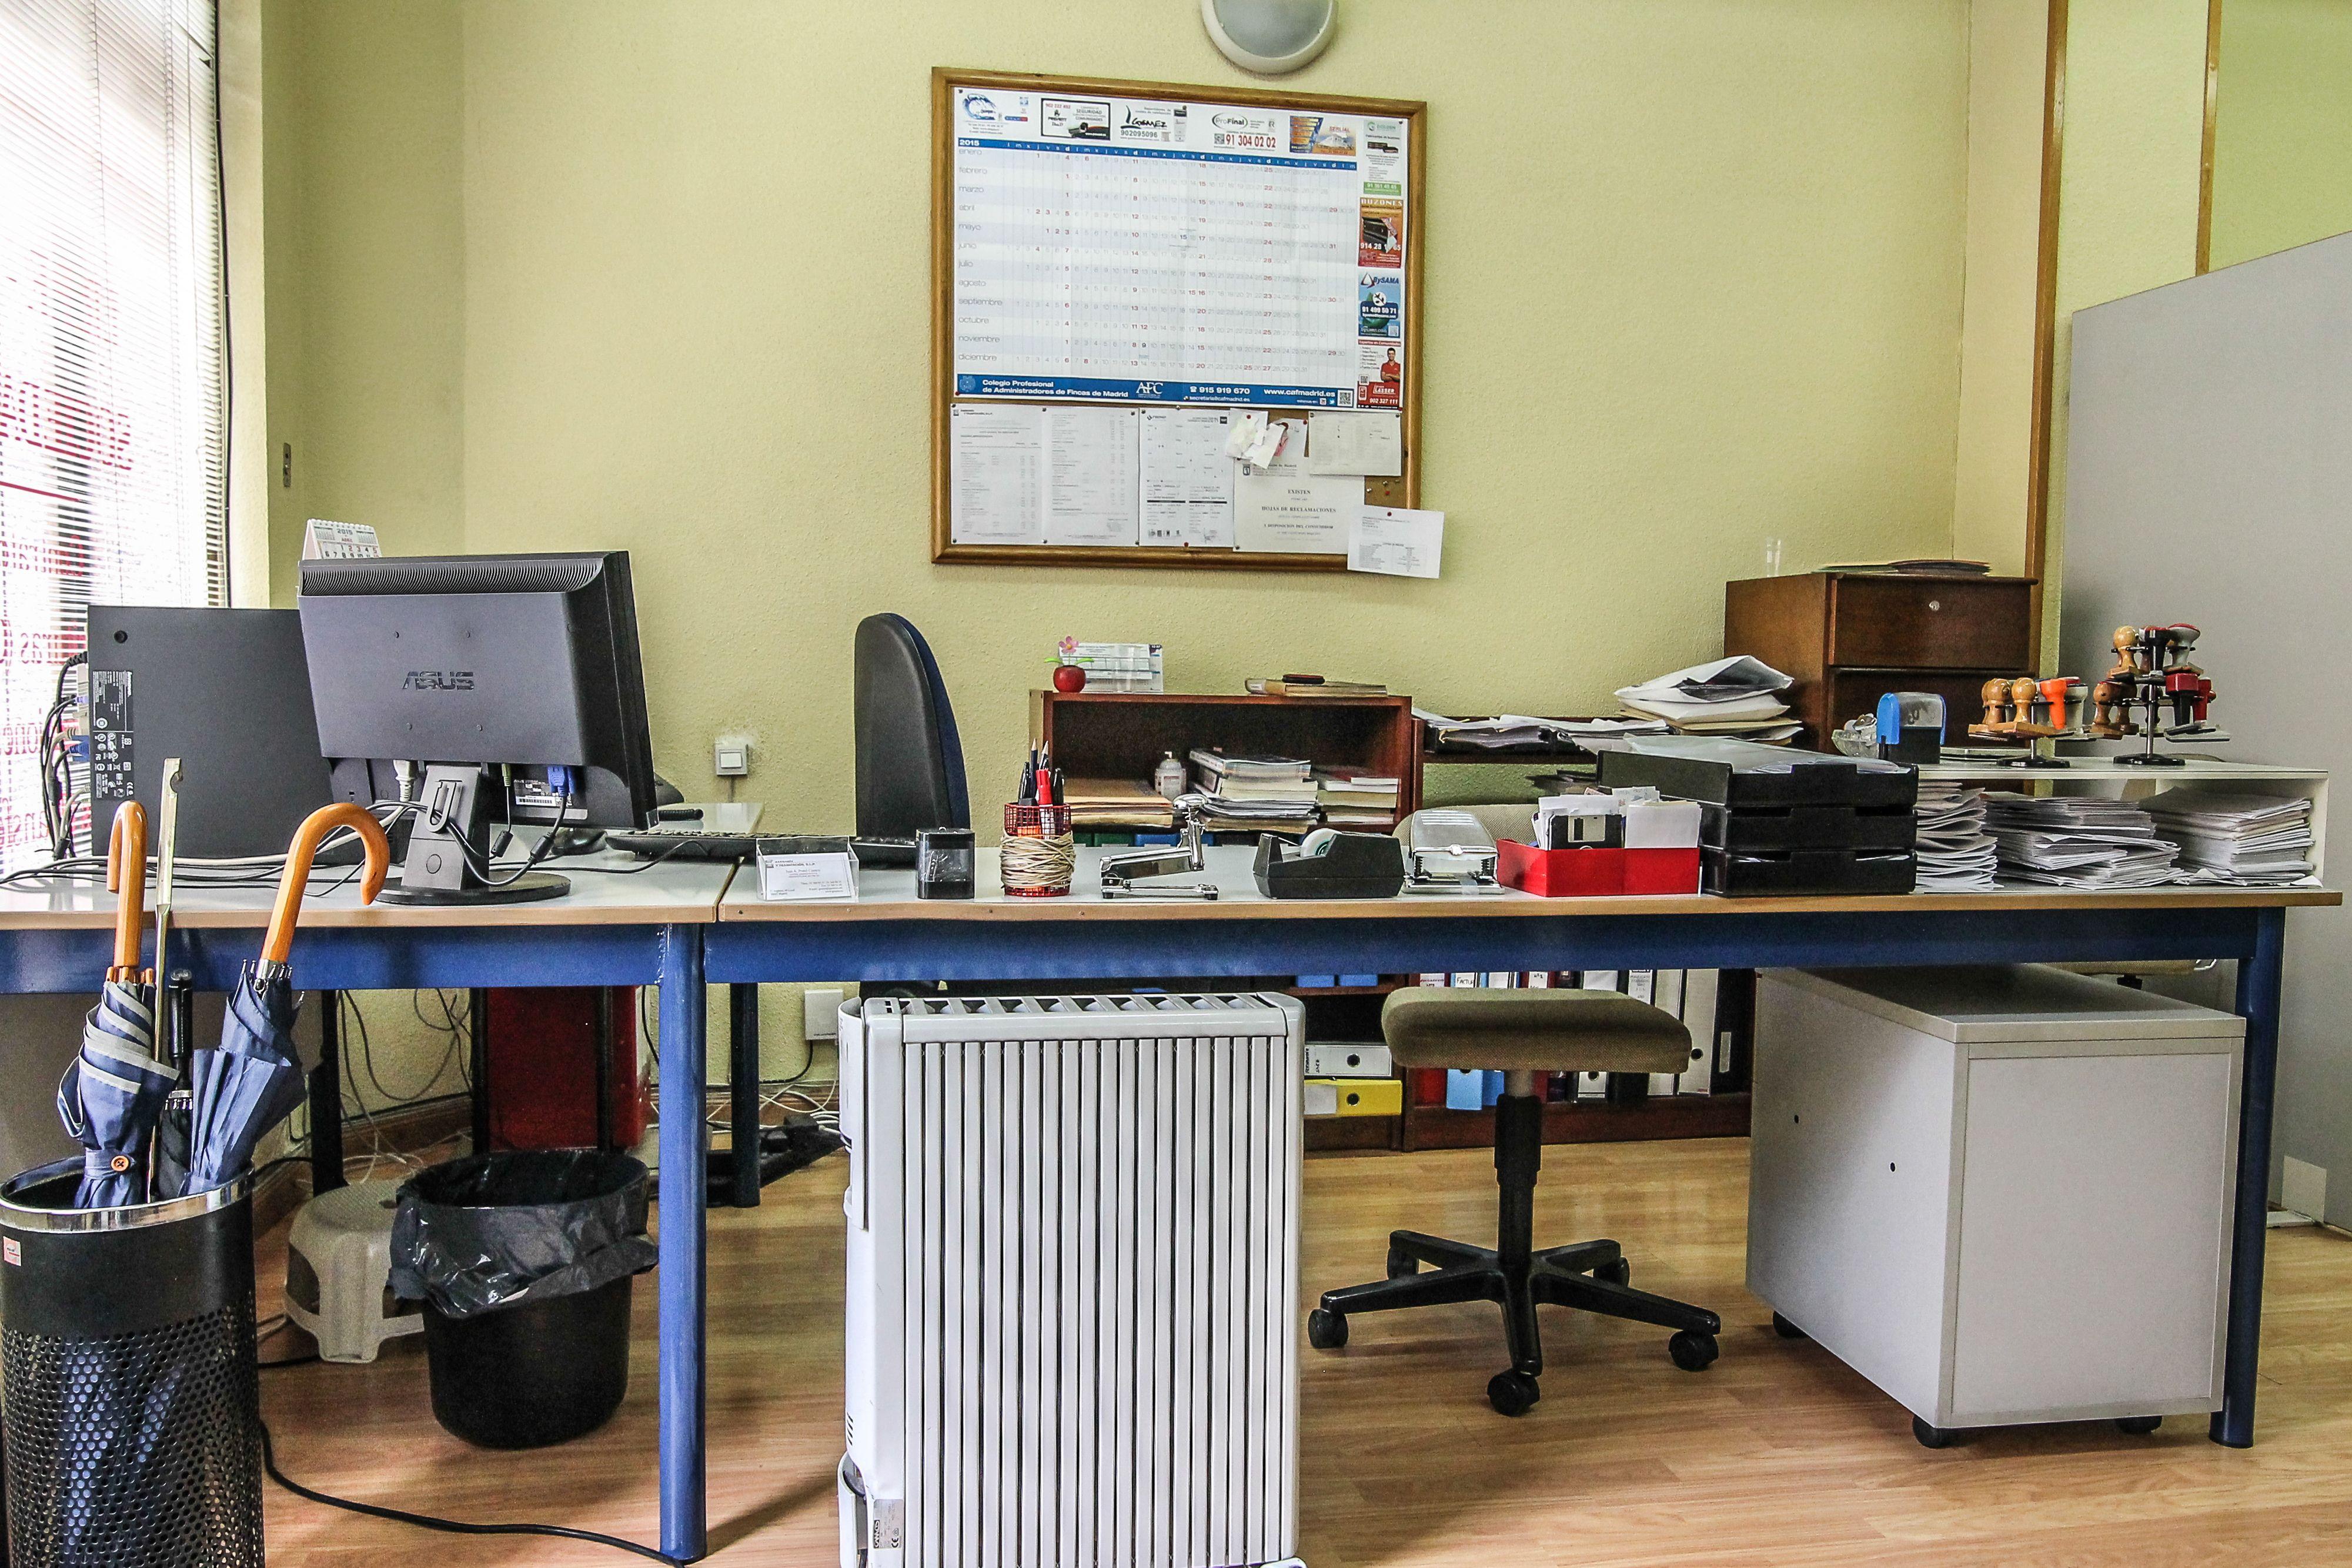 Foto 8 de Gestorías administrativas en Madrid | Asesoría y Tramitación, S.L.P.